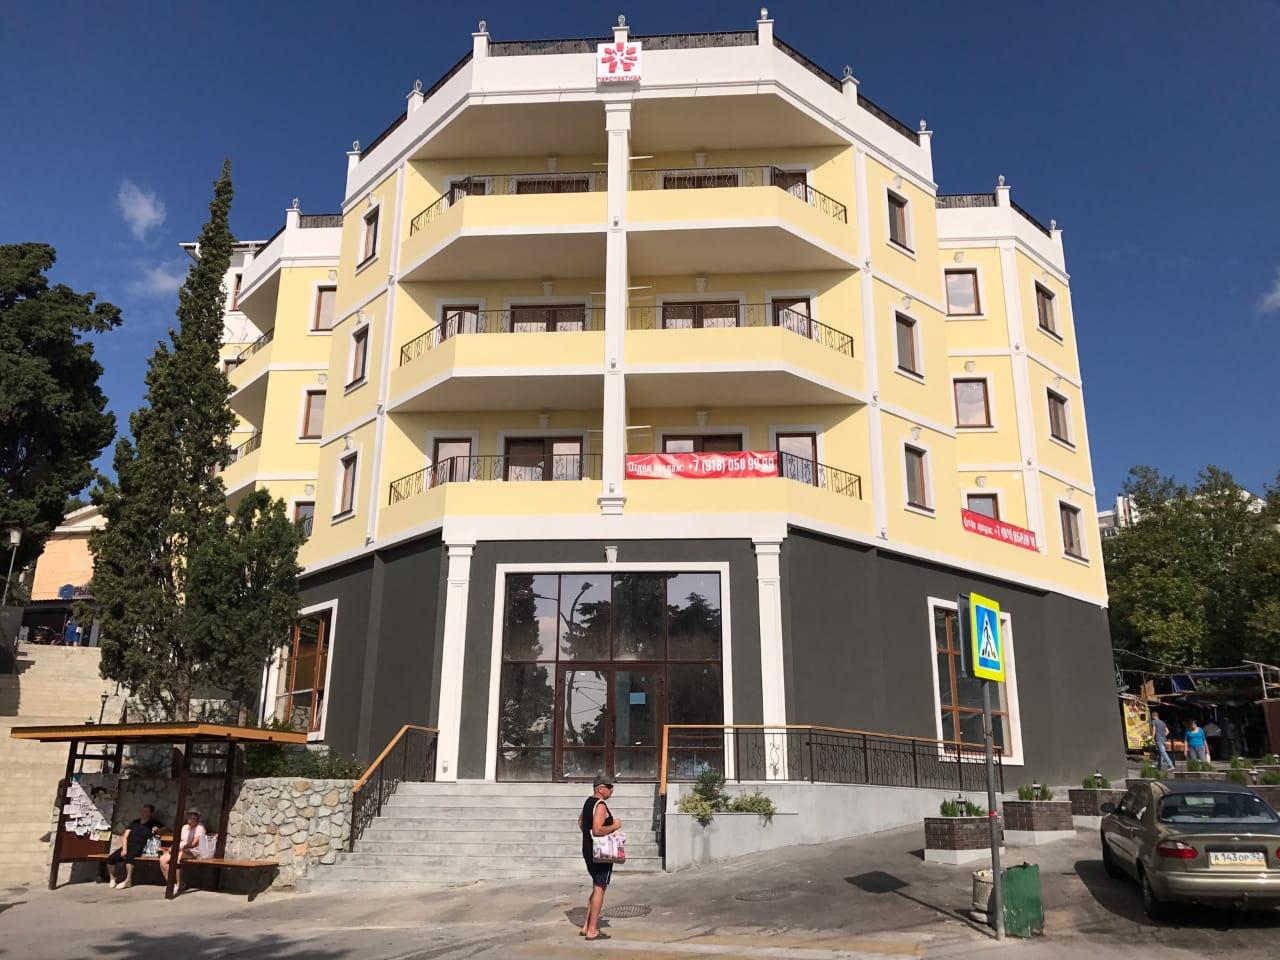 пгт Кореиз, ул. В.Маяковского, 1-комнатная квартира, 40 кв м, Продажа